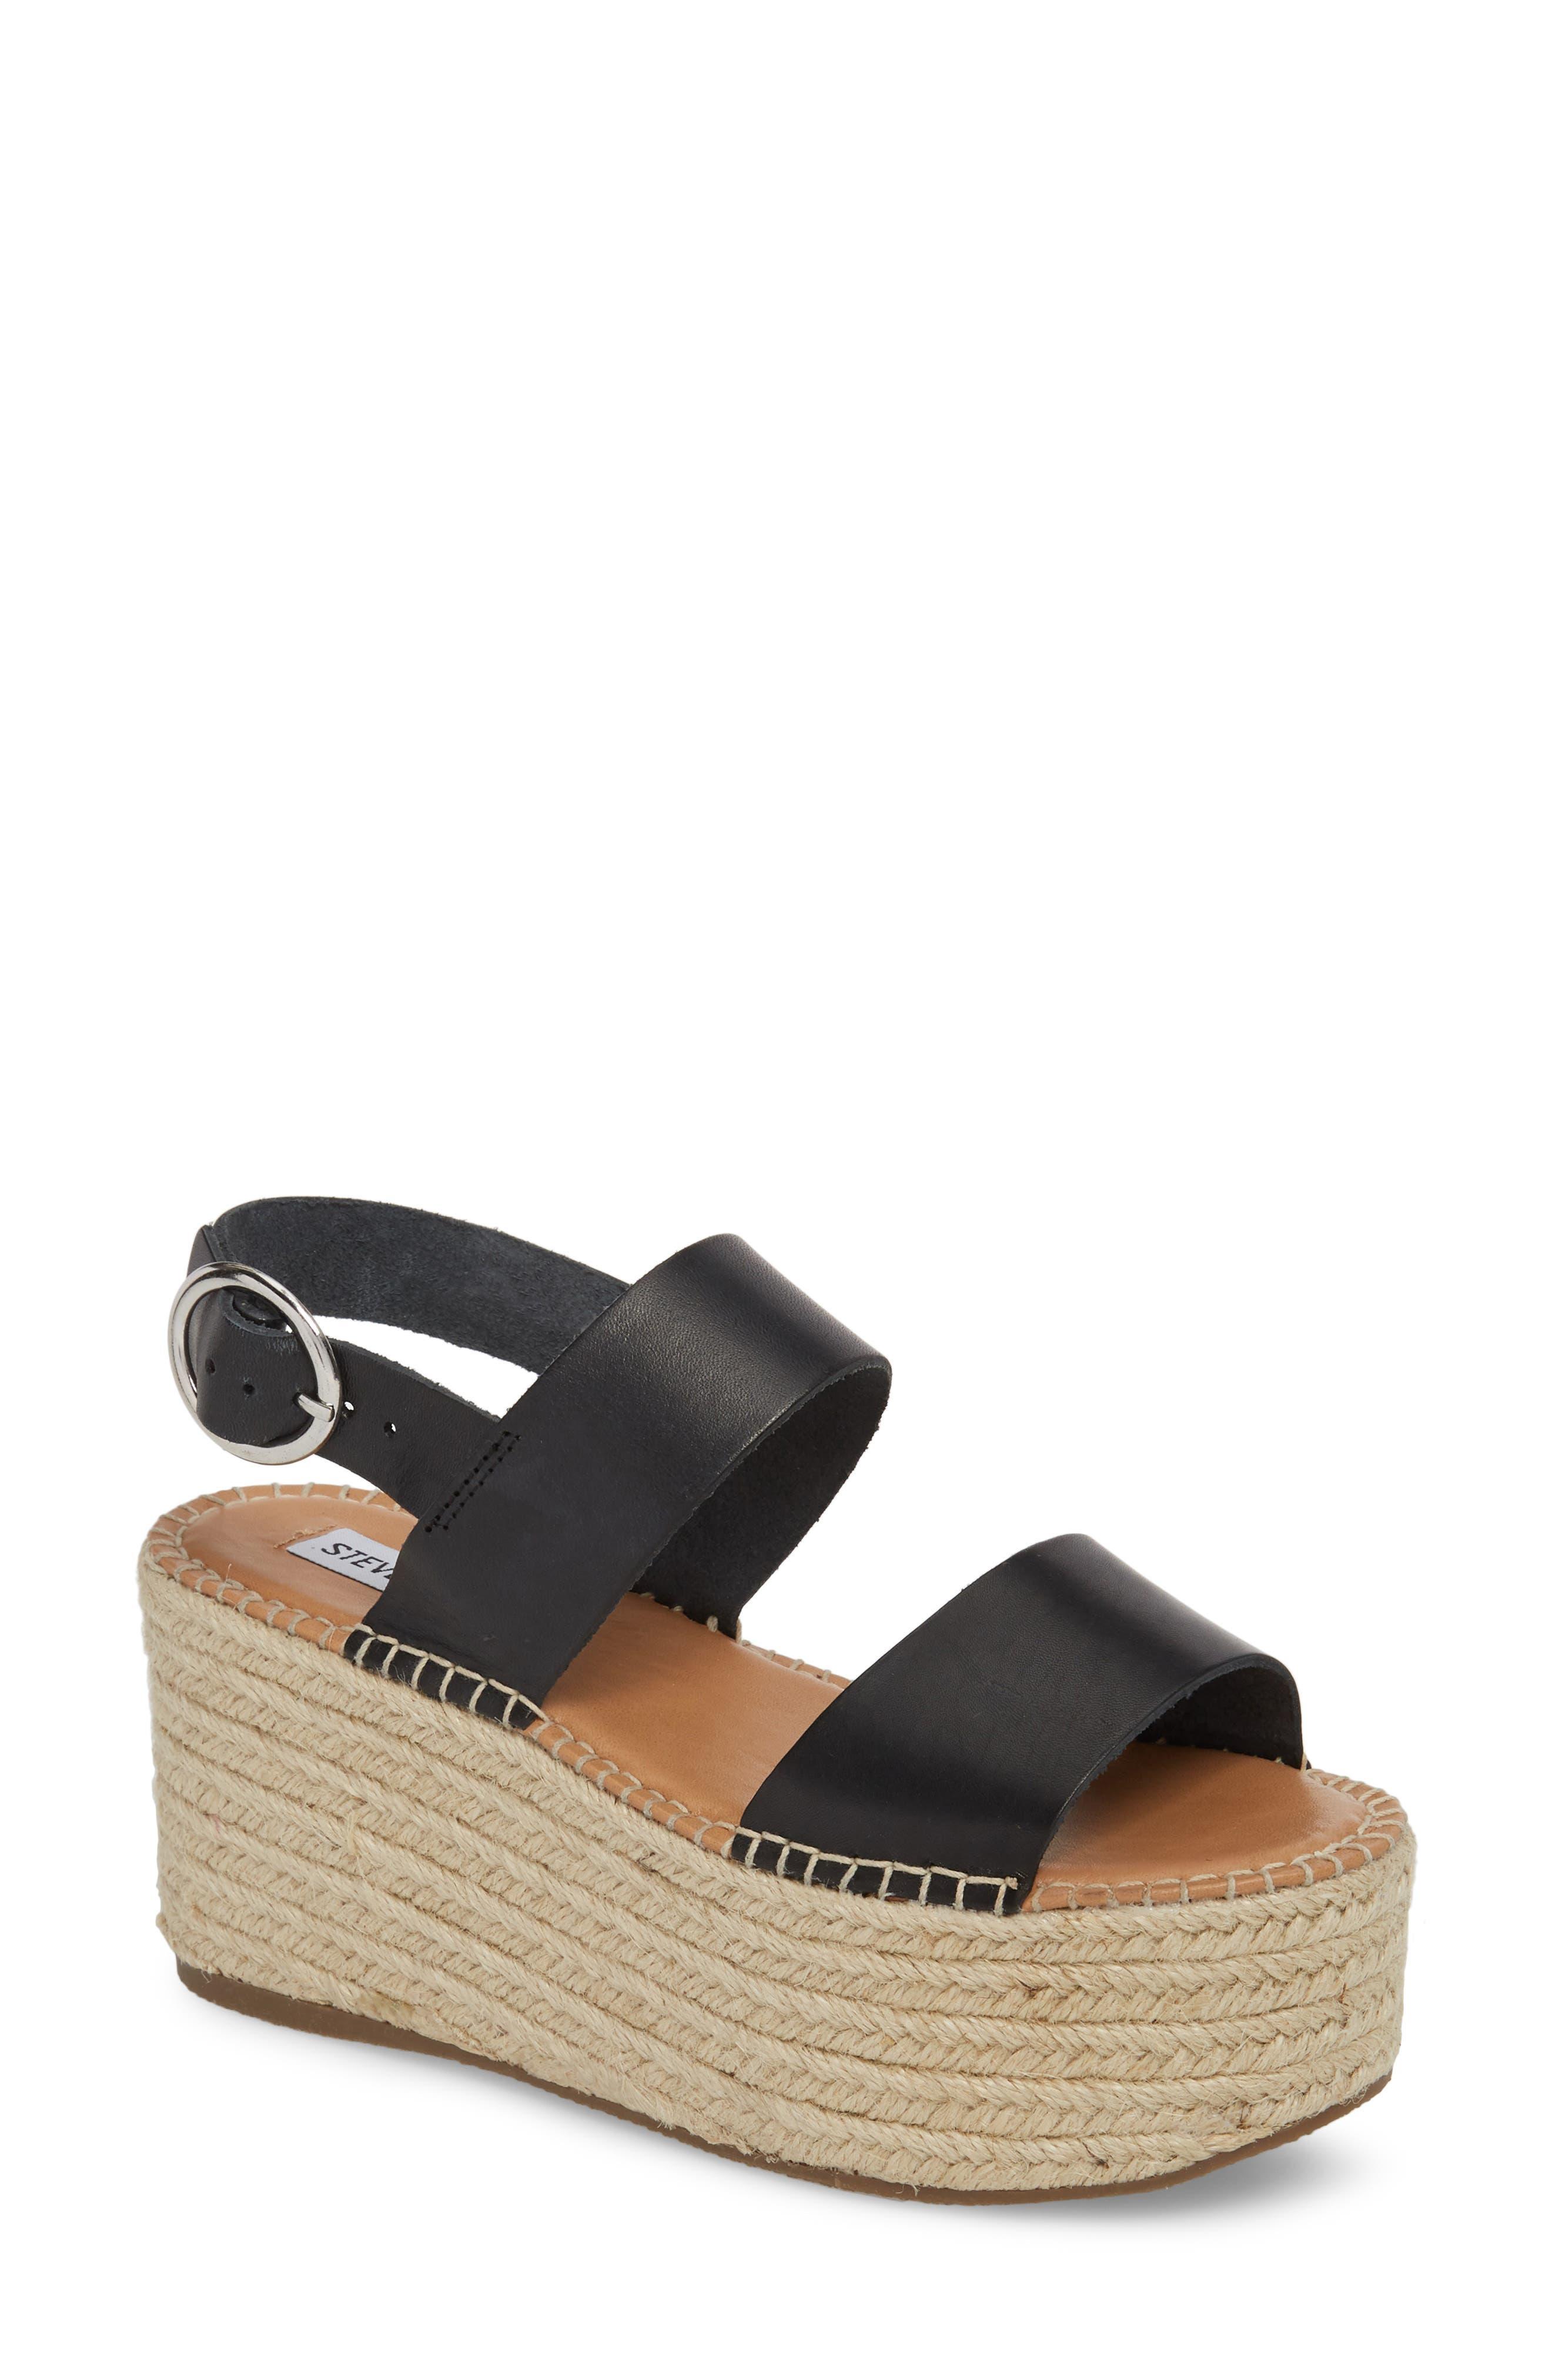 Cali Espadrille Platform Sandal,                         Main,                         color,